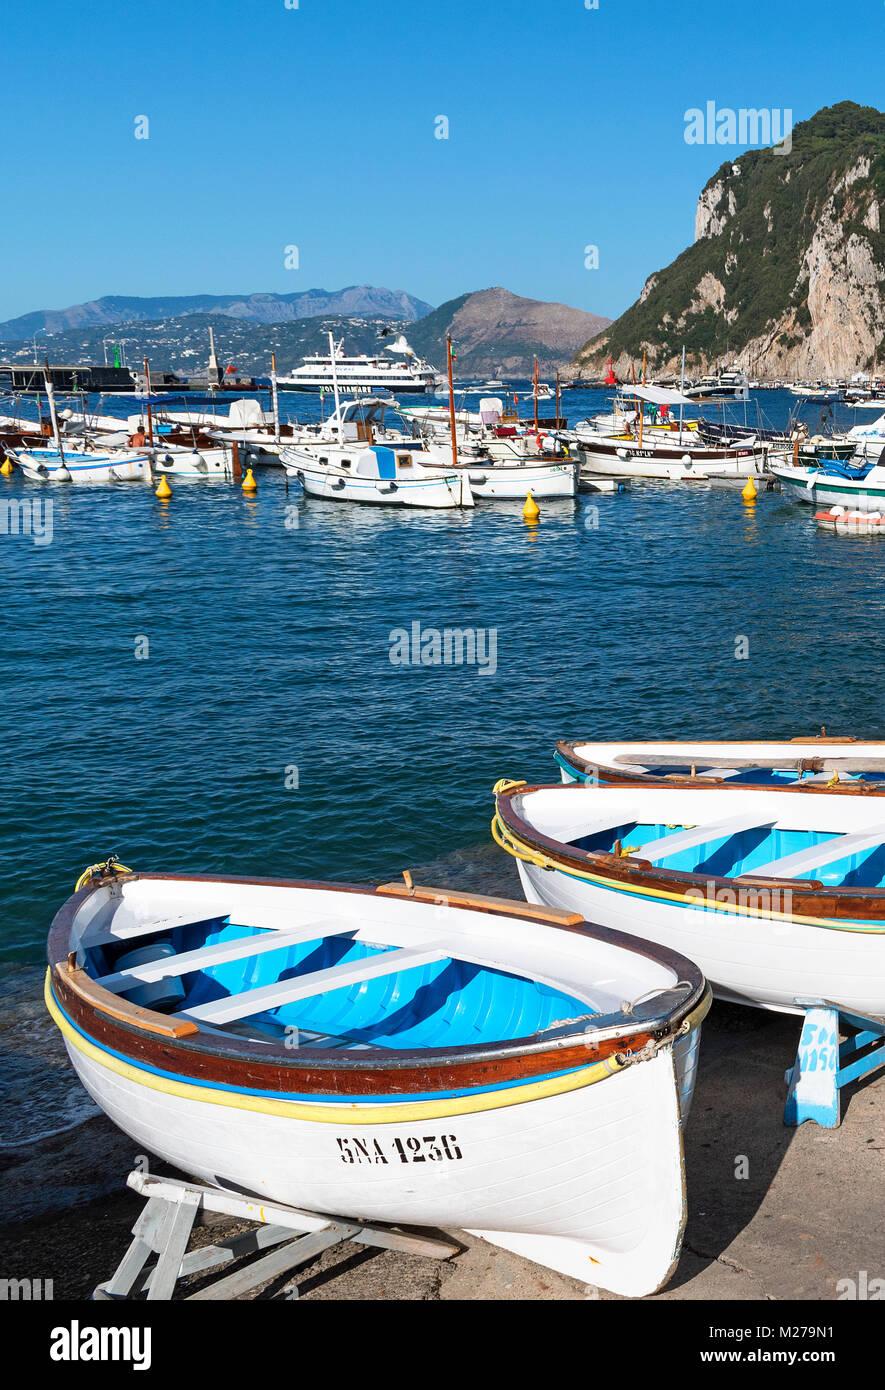 fishing boats at marina grande on the island of capri, campania, italy. - Stock Image